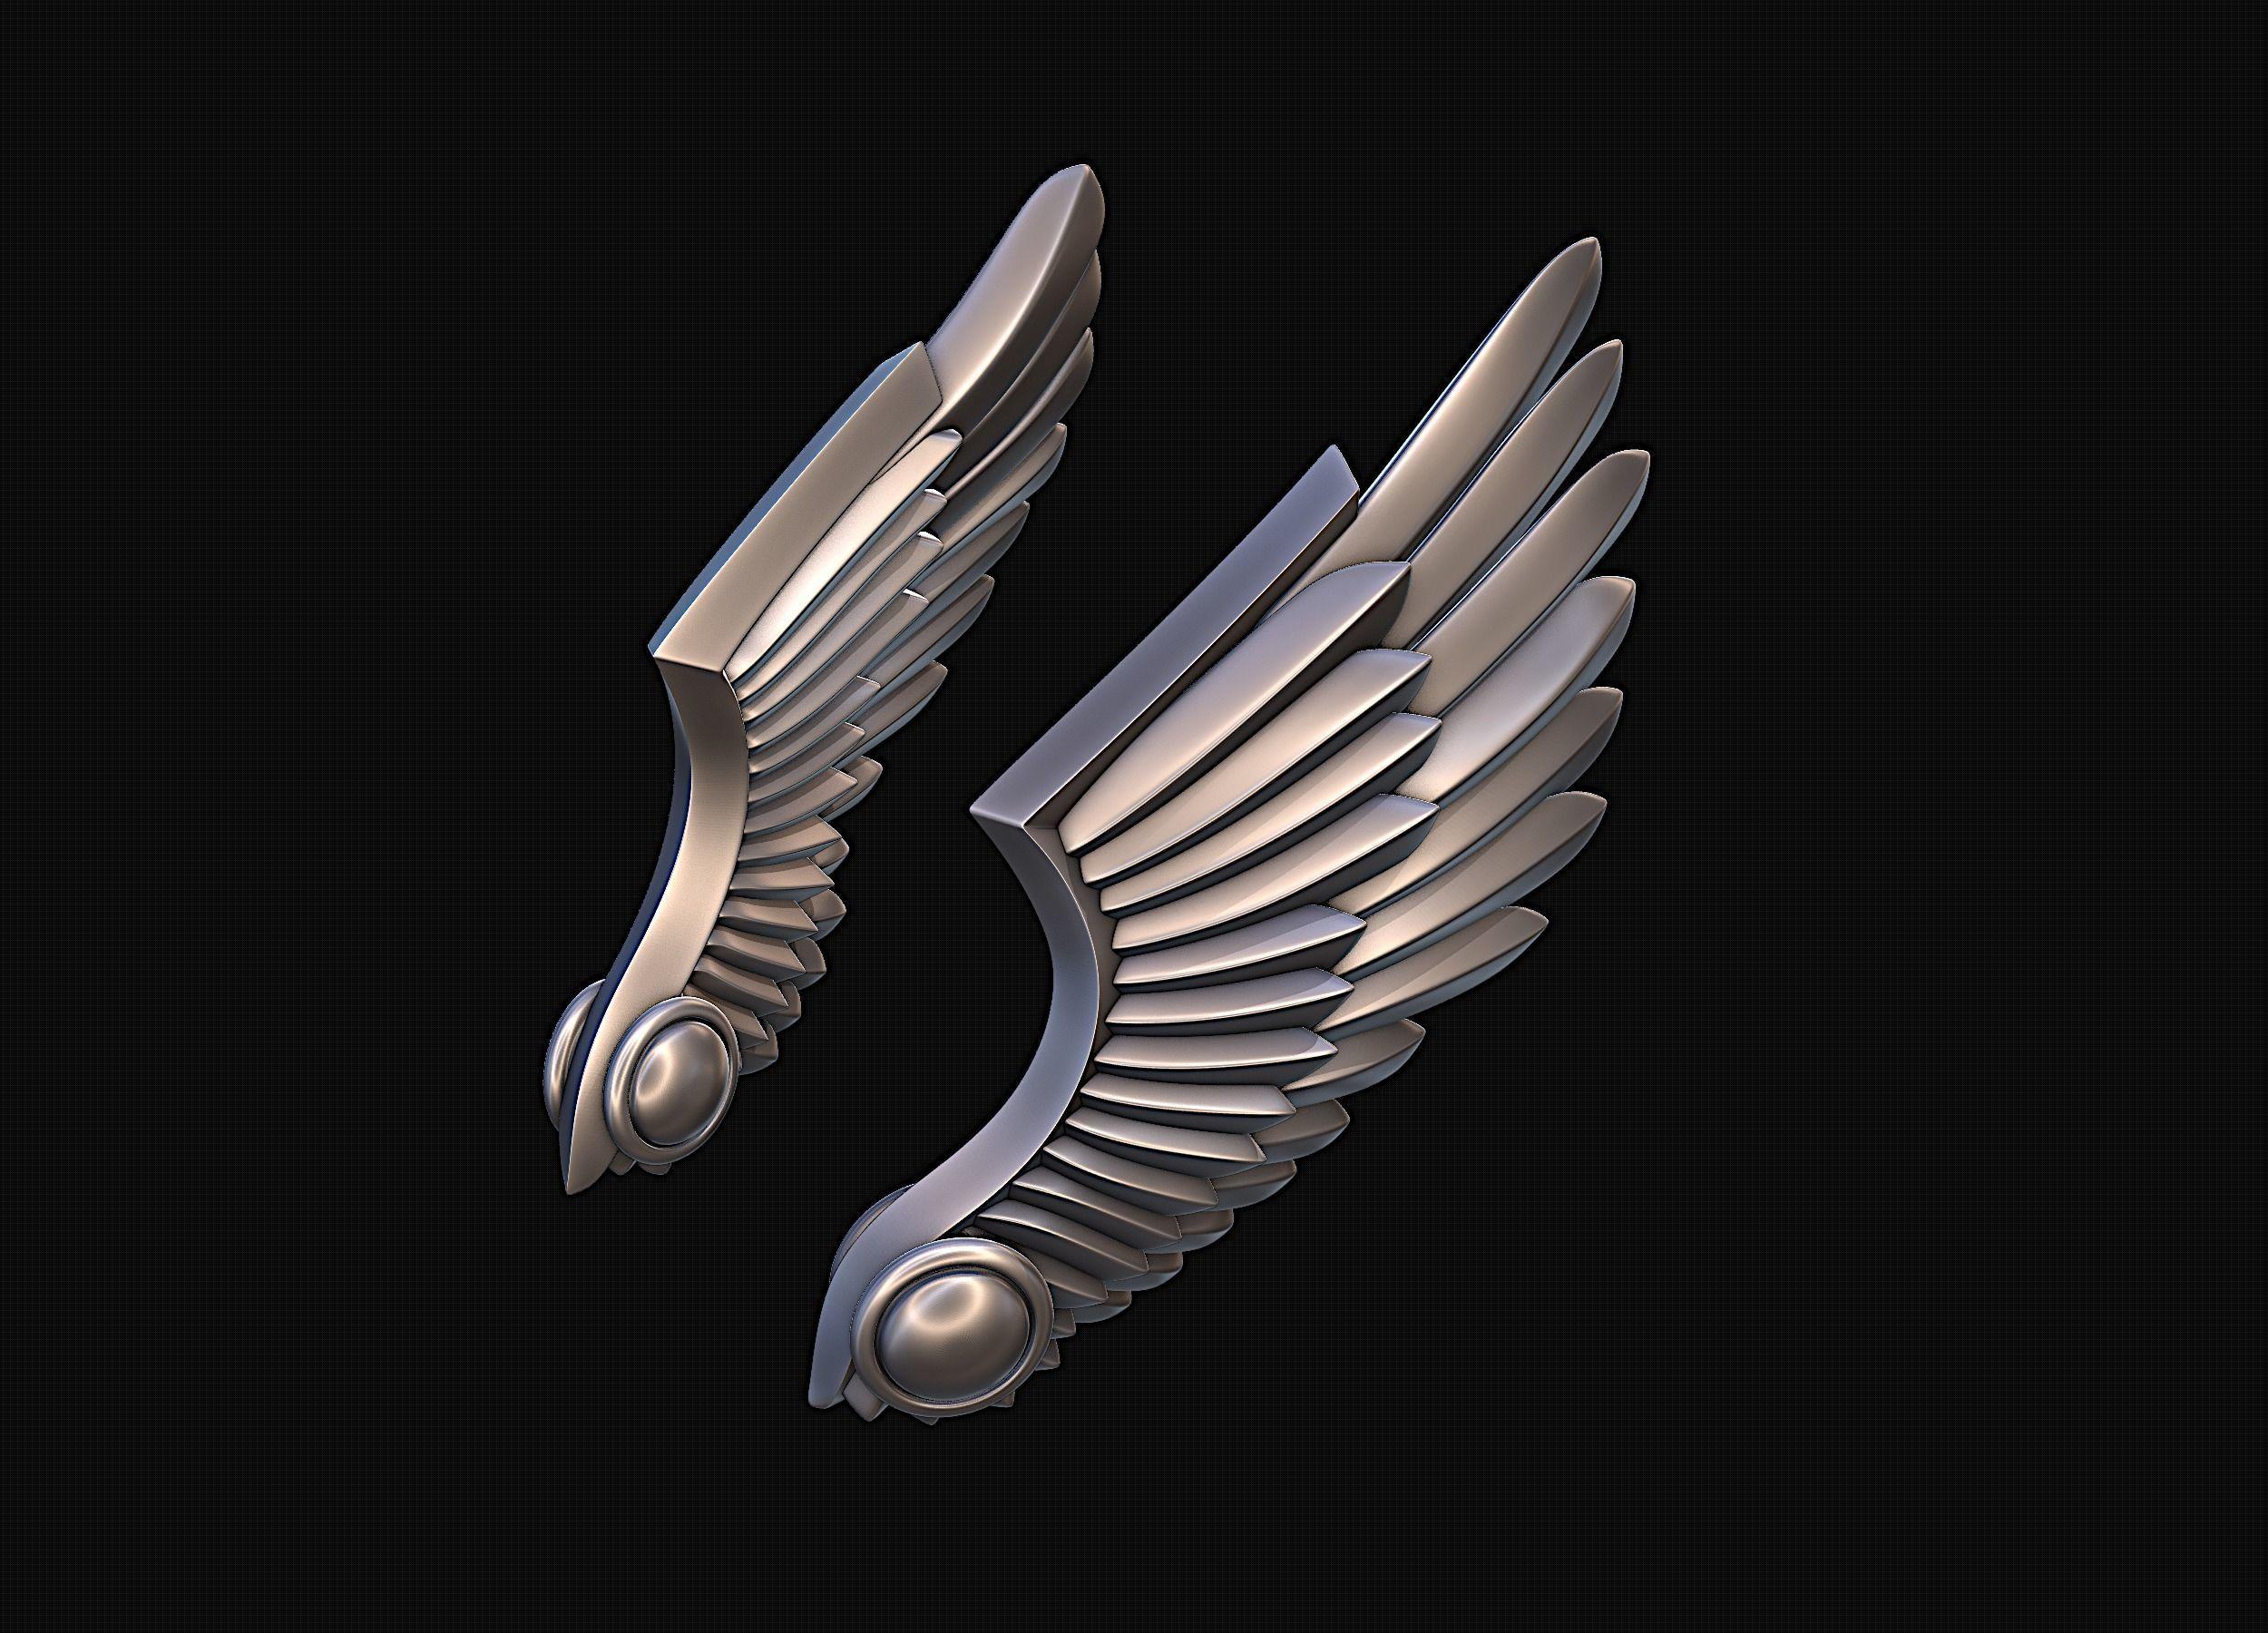 Wings Stylized